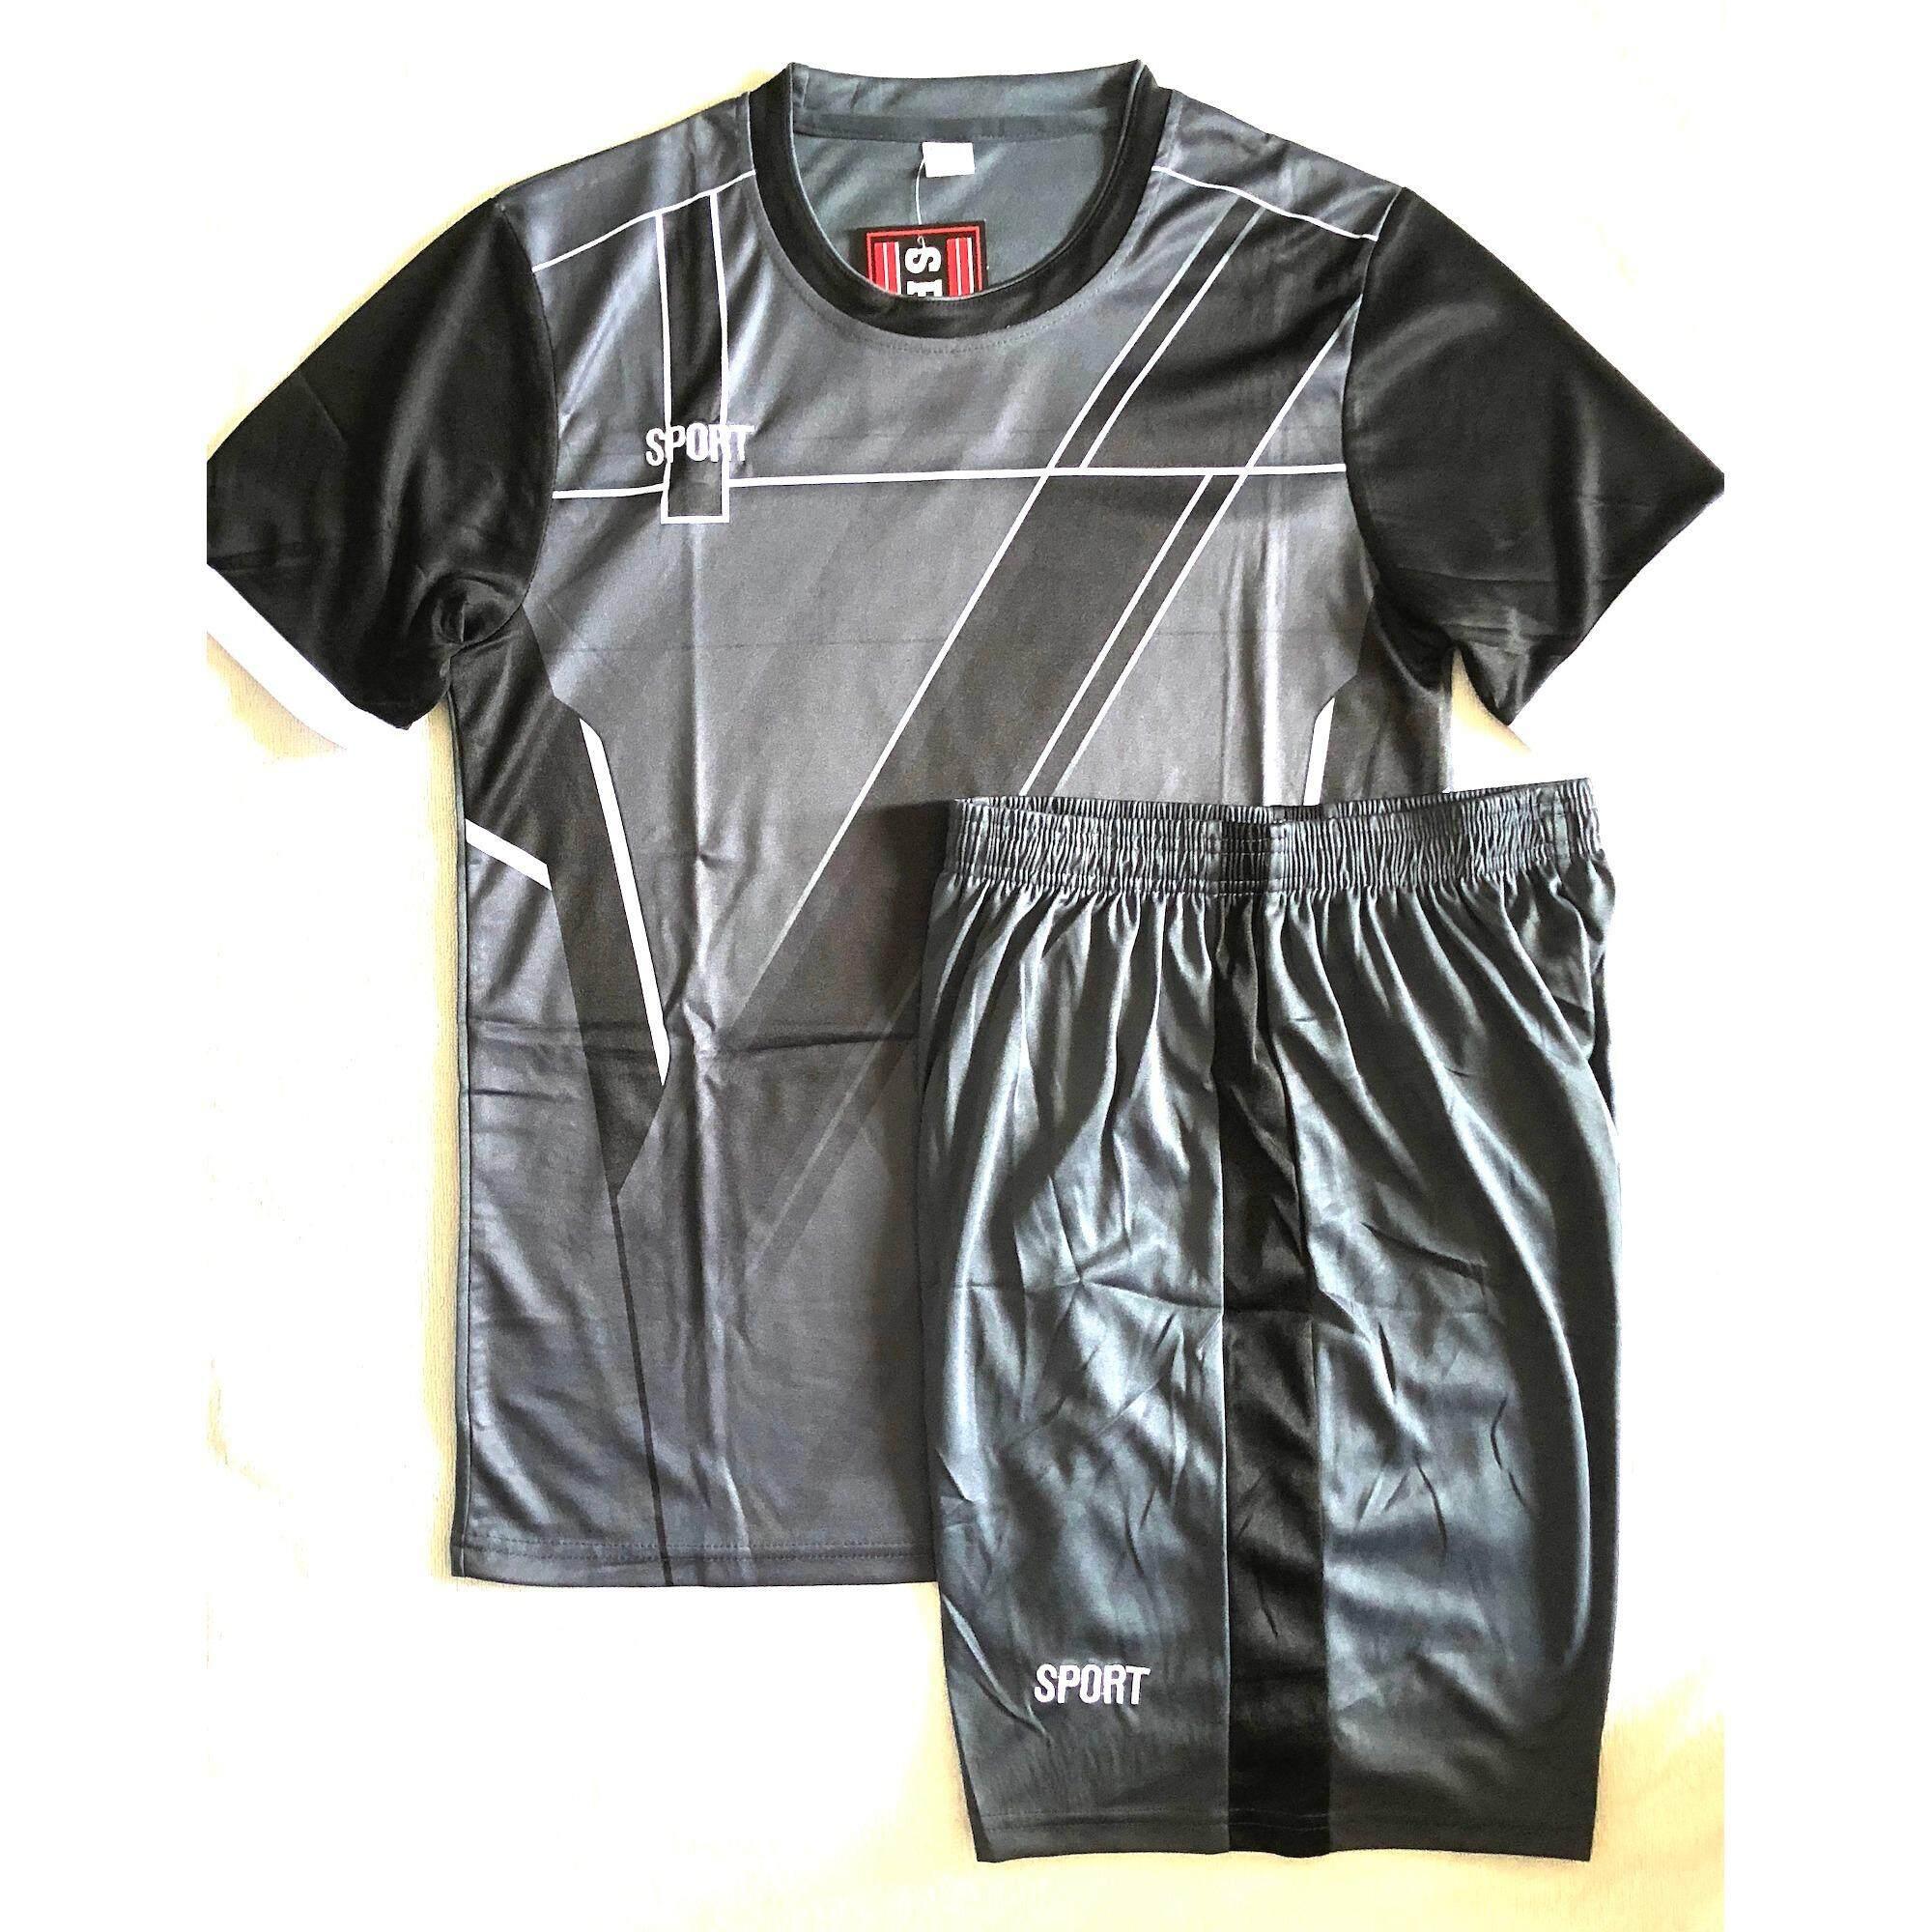 ราคา Sports ชุดฟุตบอลสำหรับผู้ใหญ่ เสื้อ กางเกง สีเทาแต่งดำ Model7 ใน กรุงเทพมหานคร